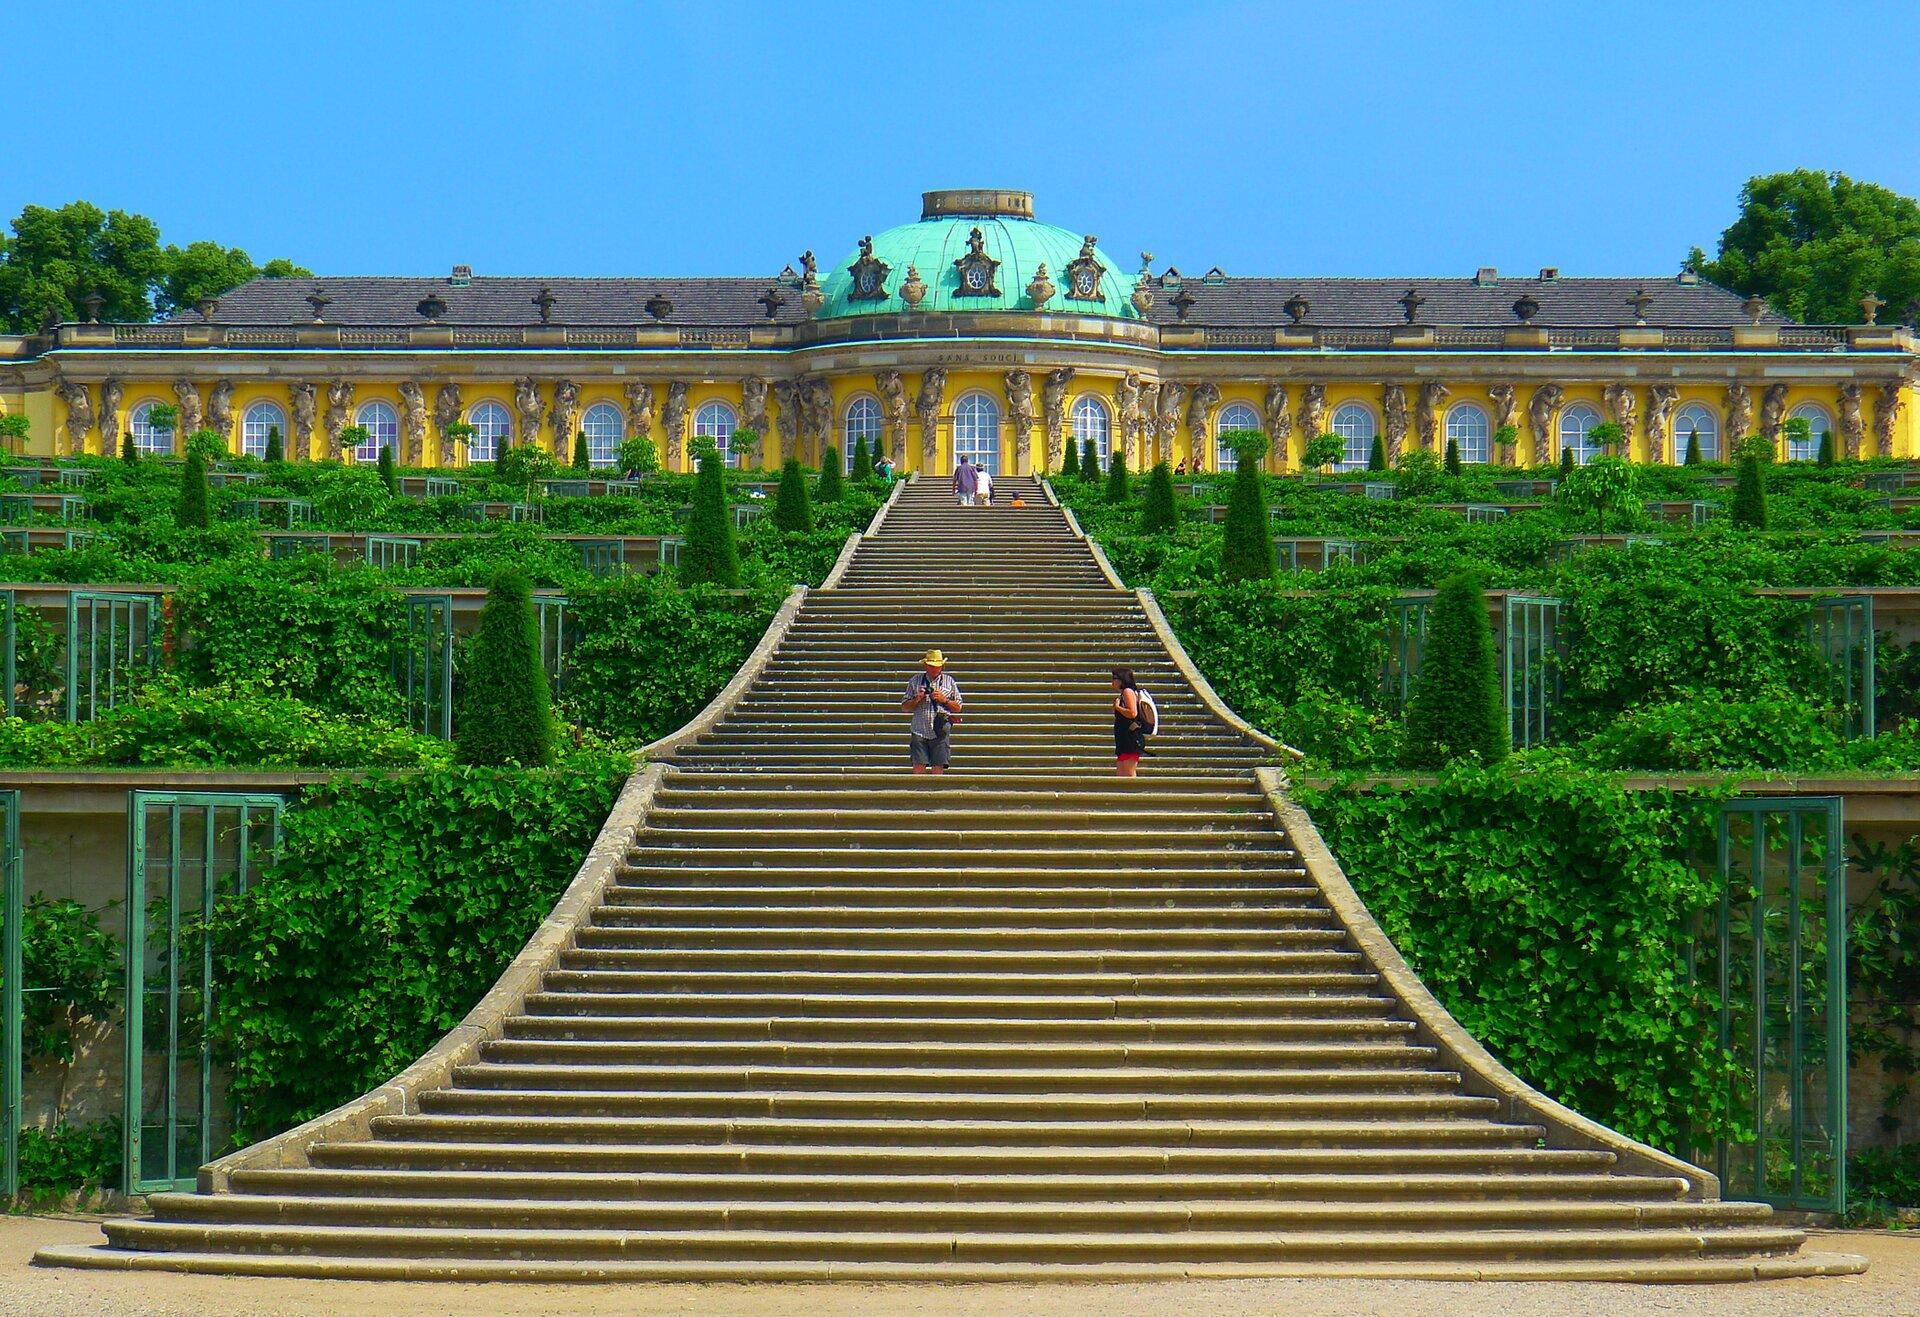 Ogród wSanssouci:Pałac królewski wPoczdamie Ogród wSanssouci:Pałac królewski wPoczdamie Źródło: Mbzt, Wikimedia Commons, licencja: CC BY-SA 3.0.